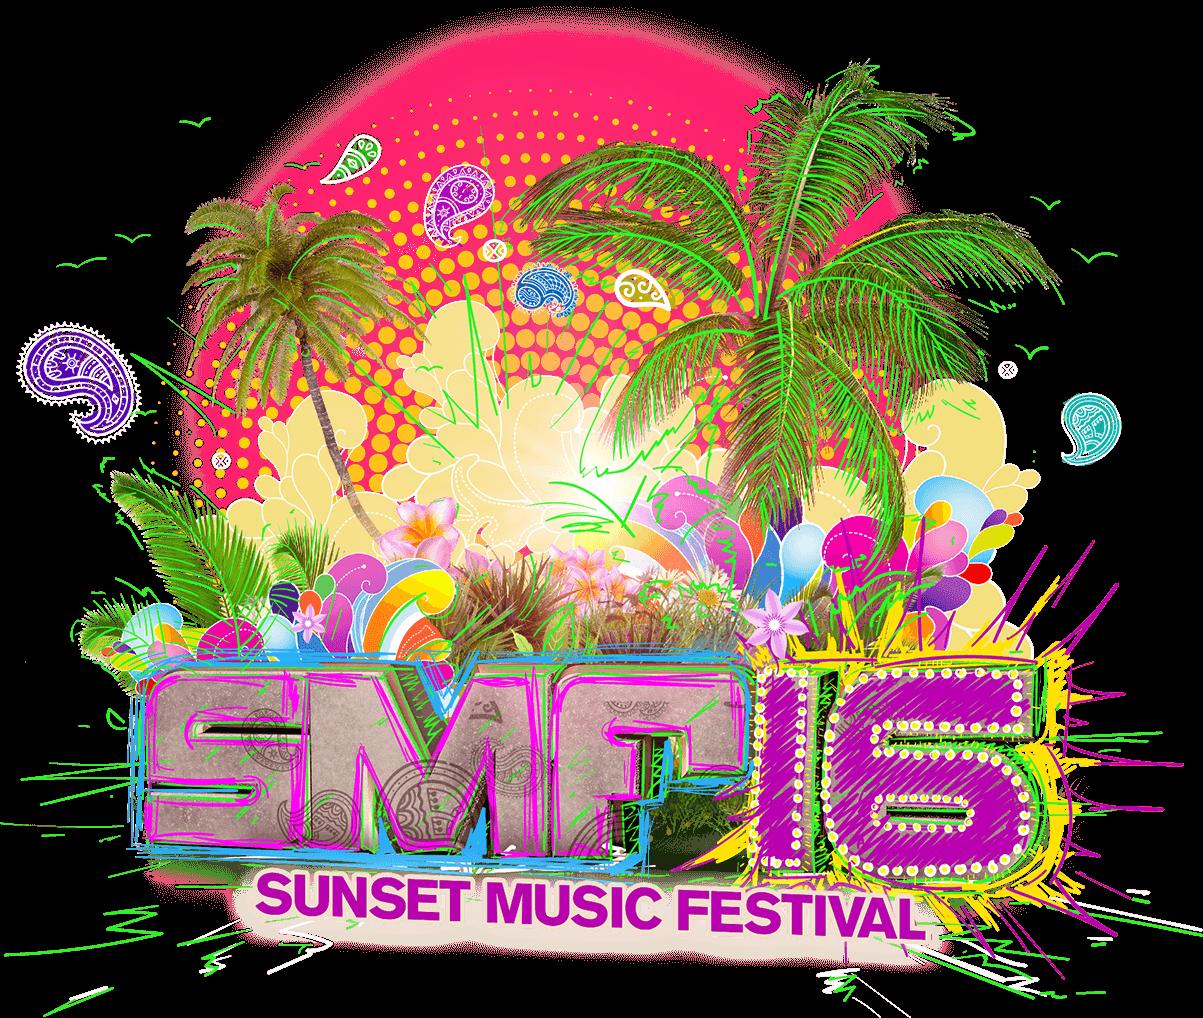 logo for Sunset Music Festival 2016